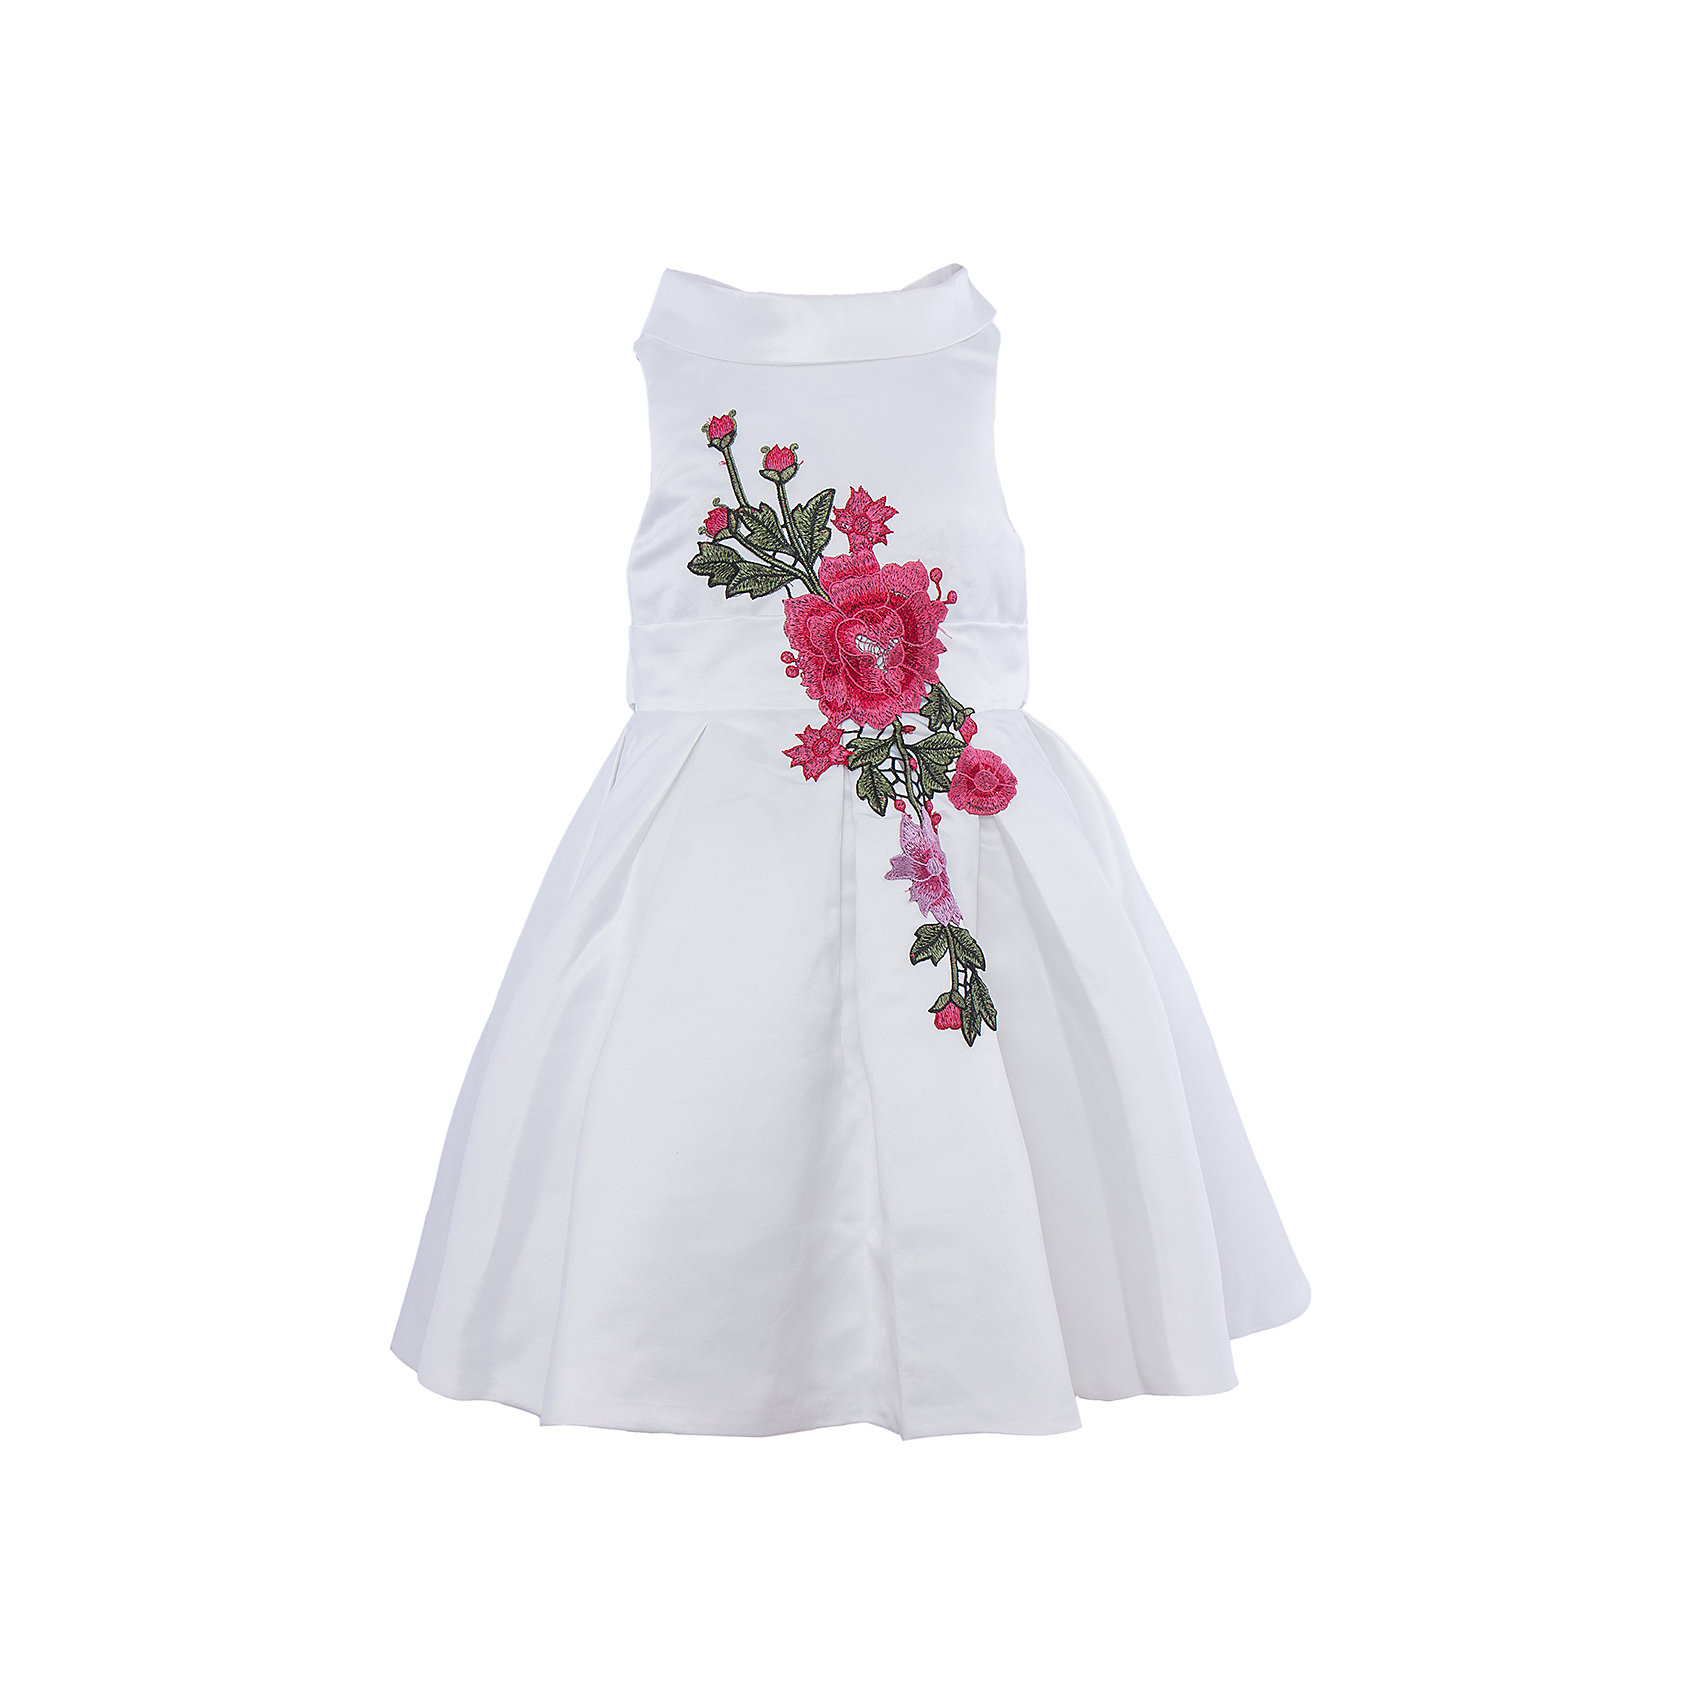 Нарядное платье для девочки Sweet BerryОдежда<br>Характеристики:<br><br>• Вид одежды: платье<br>• Предназначение: для праздника, торжеств<br>• Сезон: круглый год<br>• Материал: верх – 100% полиэстер; подкладка – 100% хлопок<br>• Цвет: белый<br>• Силуэт: классический А-силуэт<br>• Длина платья: миди<br>• Вырез горловины: круглый<br>• Воротник: хомут мягкий<br>• Наличие втачного пояса с декоративным бантом<br>• Застежка: молния на спинке<br>• Платье декорировано вышивкой<br>• Особенности ухода: ручная стирка без применения отбеливающих средств, глажение при низкой температуре <br><br>Sweet Berry – это производитель, который сочетает в своей одежде функциональность, качество, стиль и следование современным мировым тенденциям в детской текстильной индустрии. <br>Платье для девочки от знаменитого производителя детской одежды Sweet Berry выполнено из полиэстера с хлопковой подкладкой. Изделие имеет классический силуэт с отрезной талией и пышной юбкой. Пышность юбке придает подъюбник из сетки. Изделие выполнено из атласной ткани белого цвета с воротником в форме мягкого хомута. Кокетка и юбка декорированы разноцветной вышивкой в форме крупных цветков. У платья имеется втачной пояс, который завязывается сзади на бант. Праздничное платье от Sweet Berry – это залог успеха вашего ребенка на любом торжестве!<br><br>Платье для девочки Sweet Berry можно купить в нашем интернет-магазине.<br><br>Ширина мм: 236<br>Глубина мм: 16<br>Высота мм: 184<br>Вес г: 177<br>Цвет: белый<br>Возраст от месяцев: 36<br>Возраст до месяцев: 48<br>Пол: Женский<br>Возраст: Детский<br>Размер: 104,98,110,116,122,128<br>SKU: 5052112